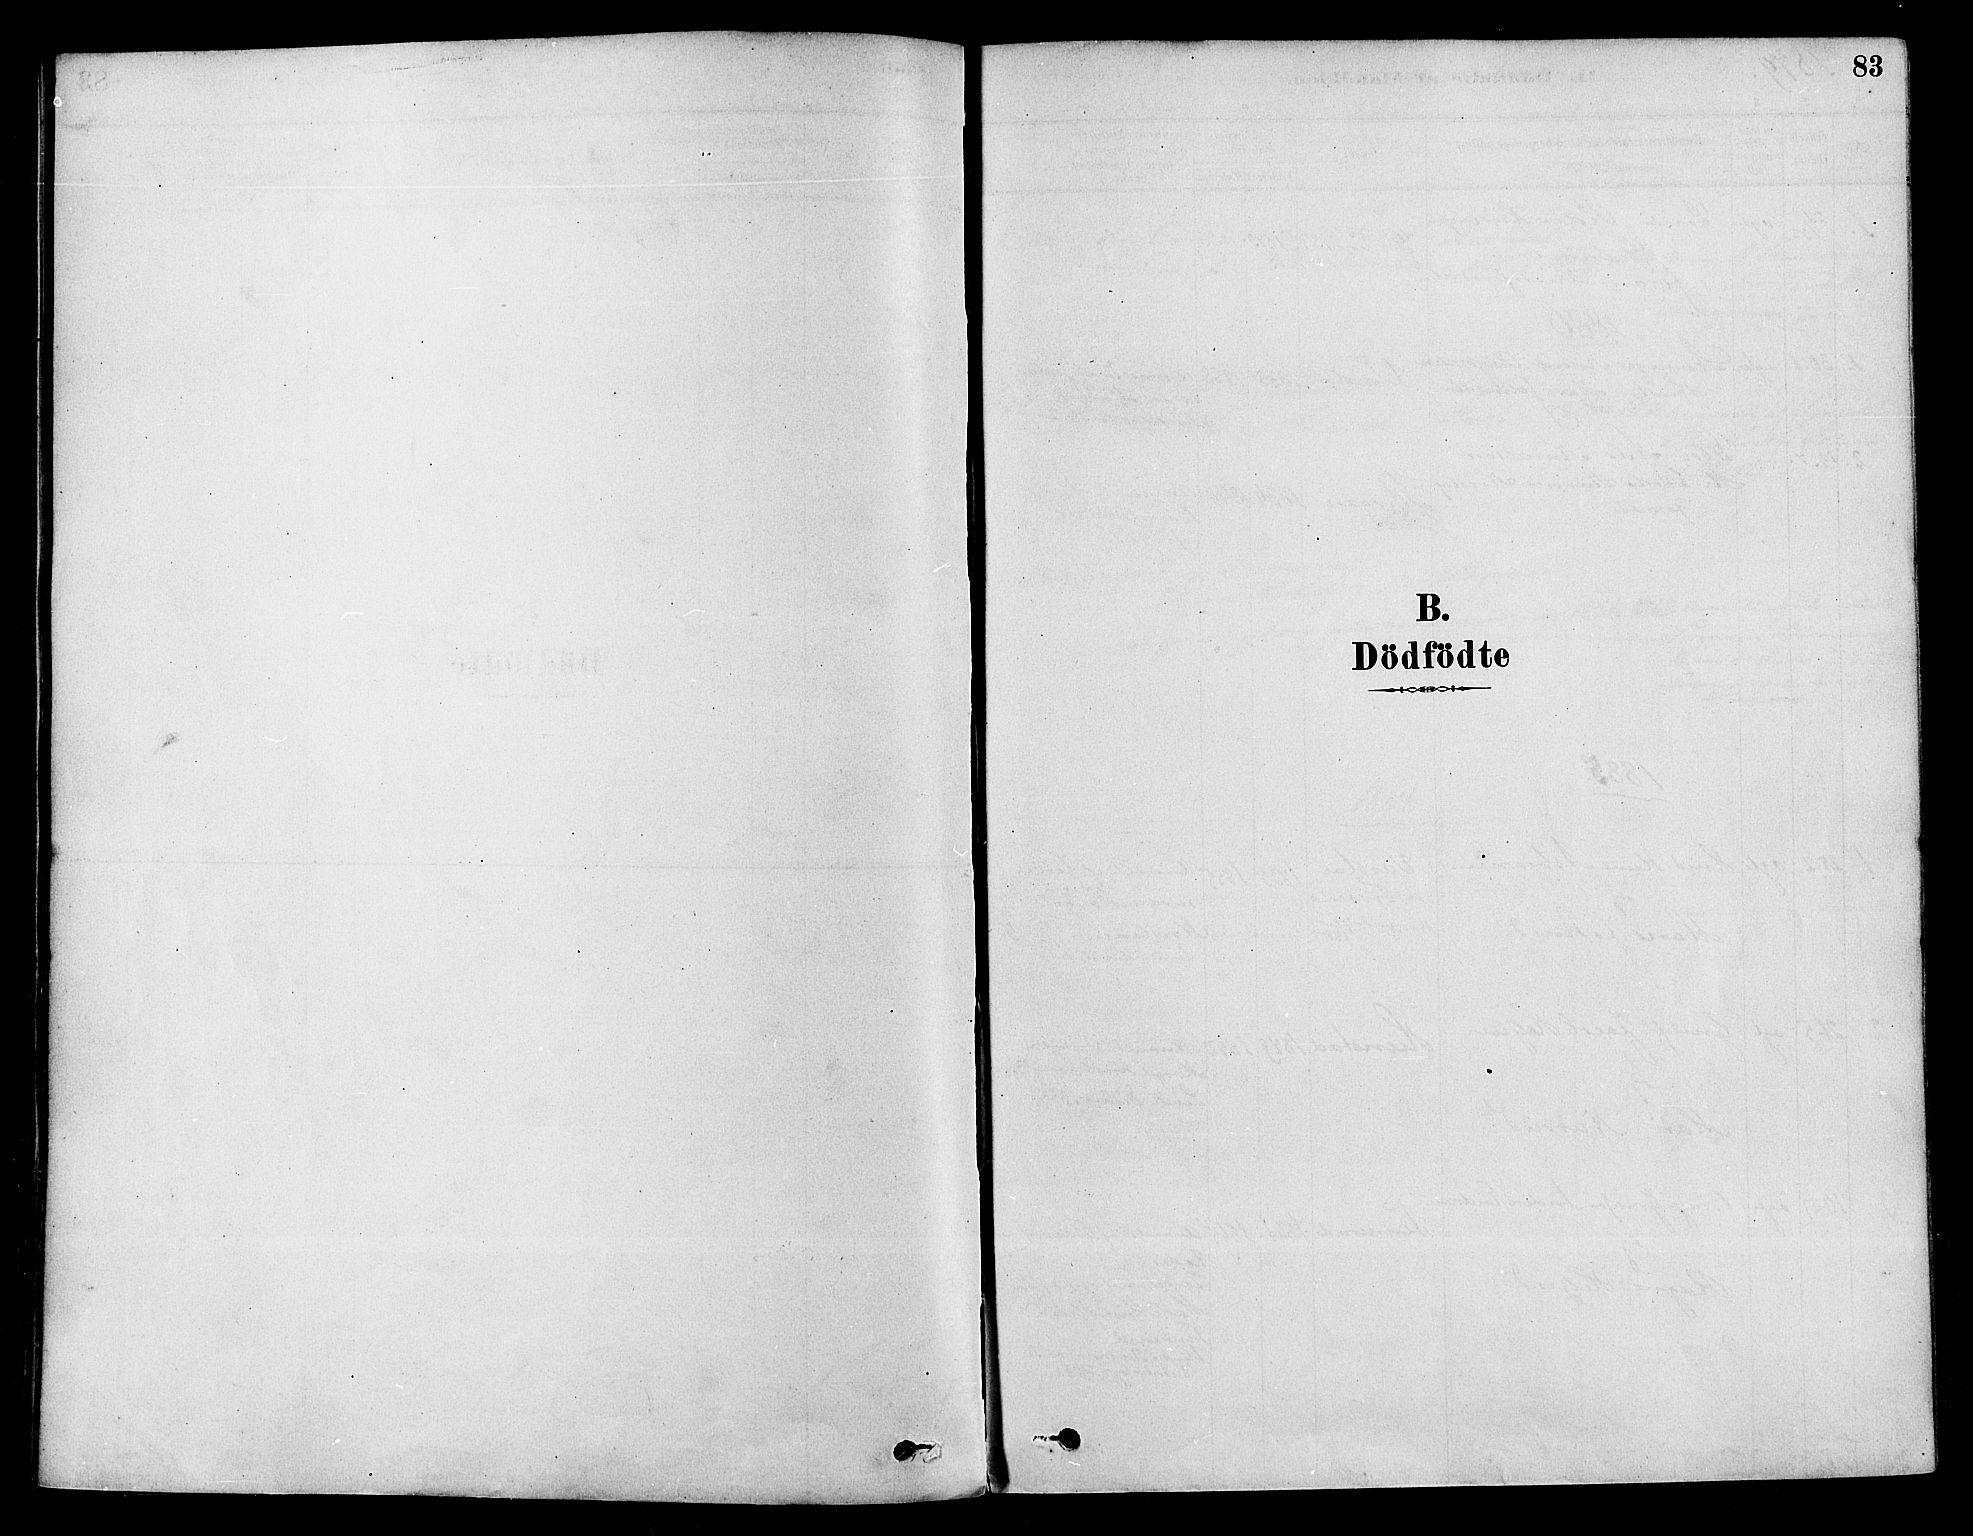 SAKO, Sigdal kirkebøker, F/Fa/L0011: Ministerialbok nr. I 11, 1879-1887, s. 83